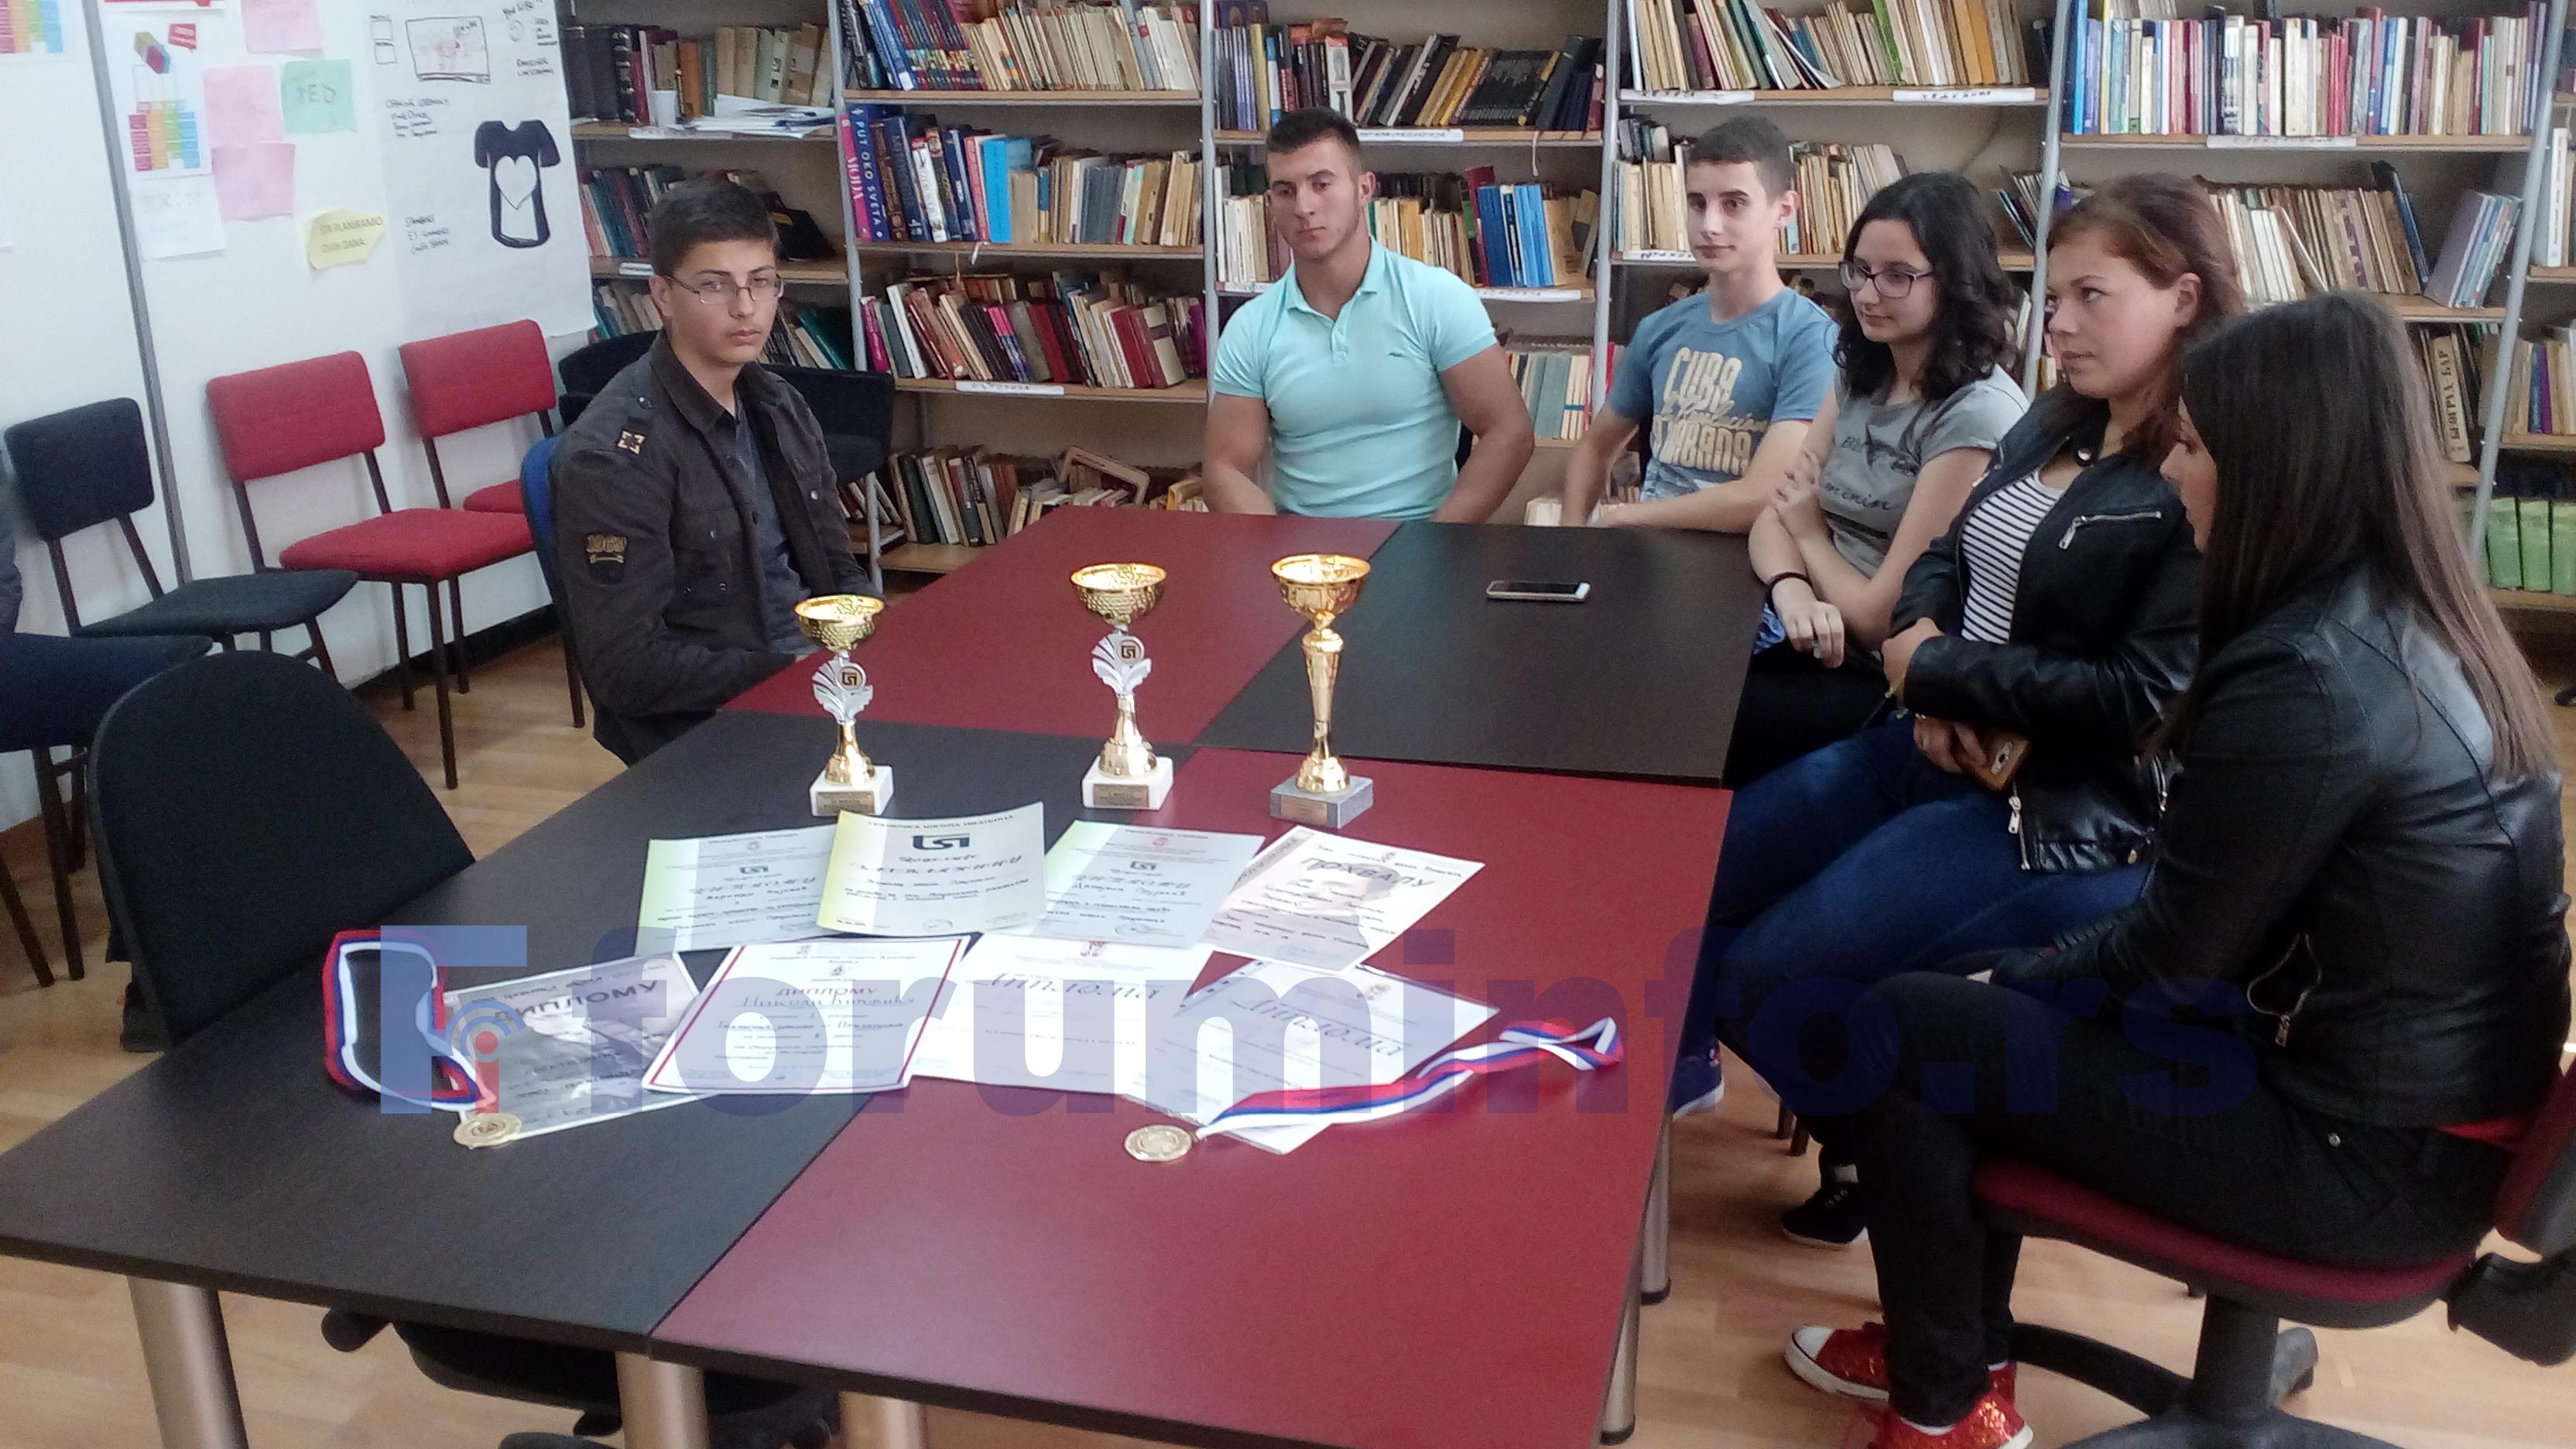 Ђаци Техничке школе у Пријепољу освојили два прва места на републичким такмичењима